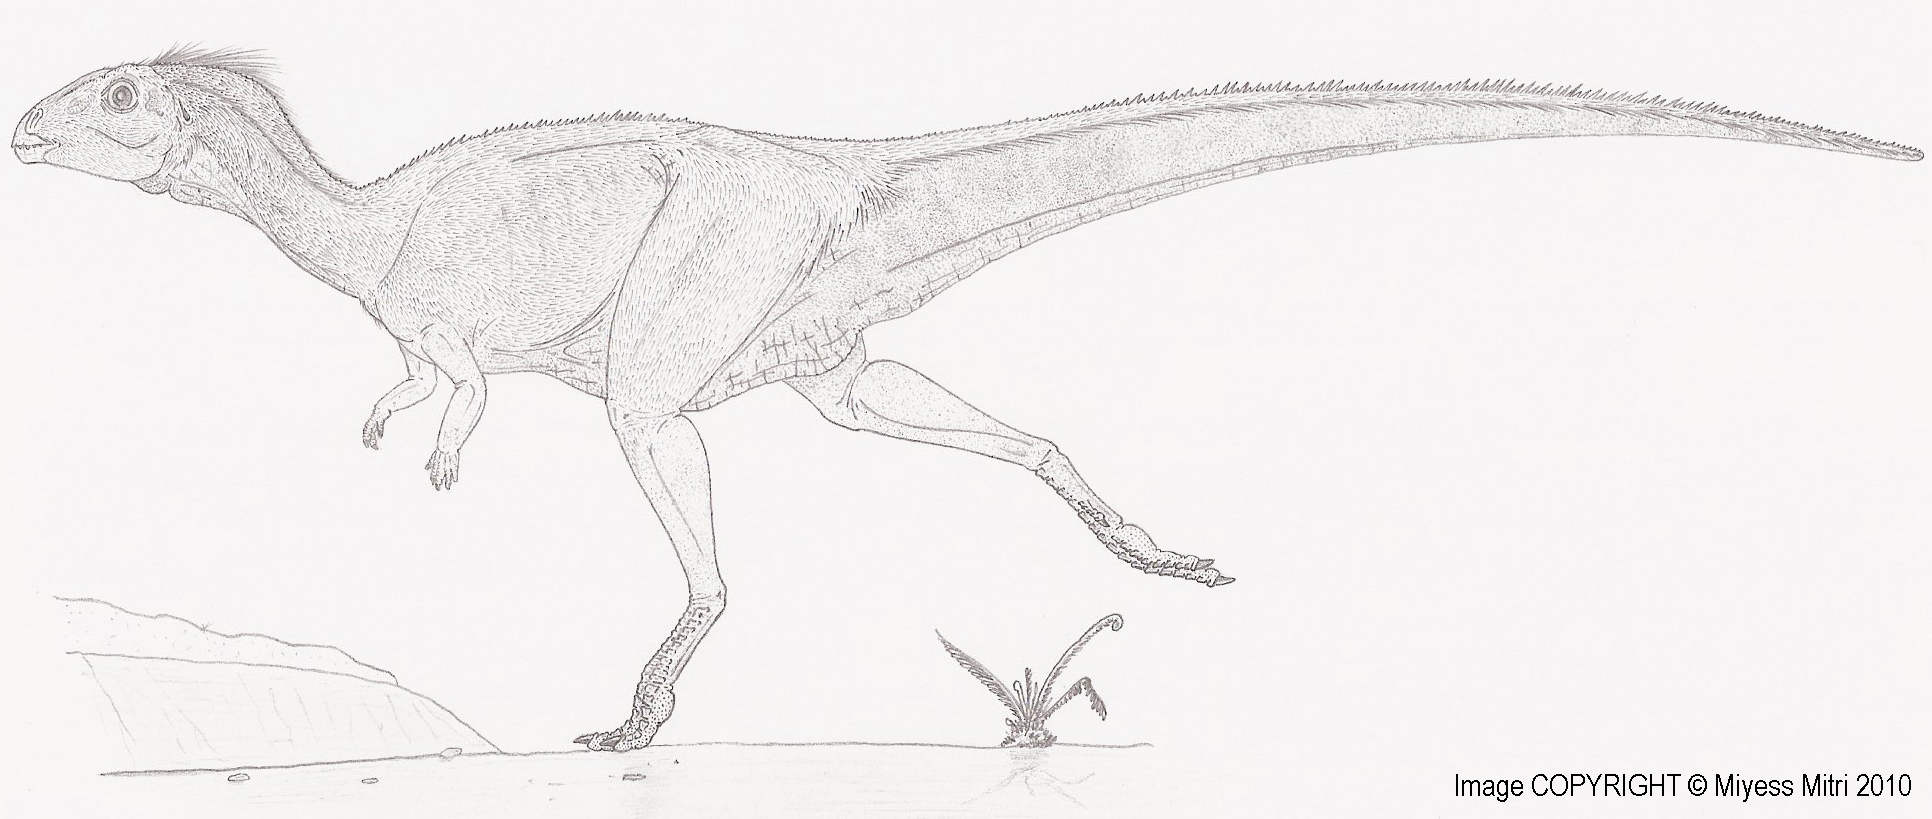 Qantassaurus intrepidus